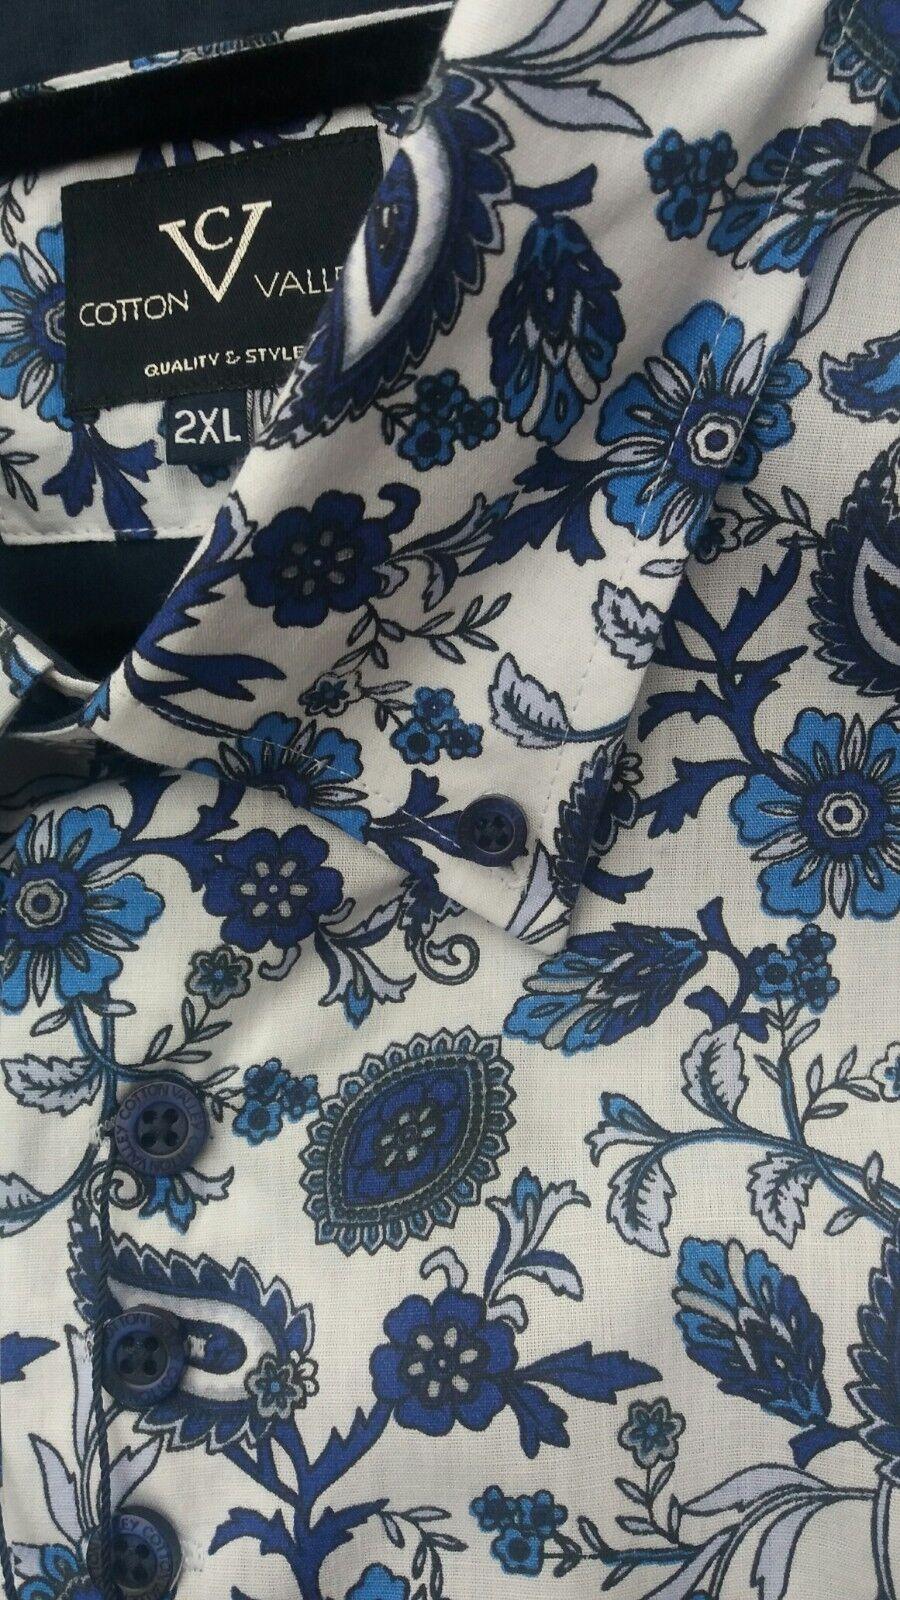 Kurzärmlig Blau Blau Blau Blaumen Shirt von Cotton Valley 2xl3xl4xl5xl6xl7xl8xl   Neuheit Spielzeug    Deutschland Online Shop  088b85